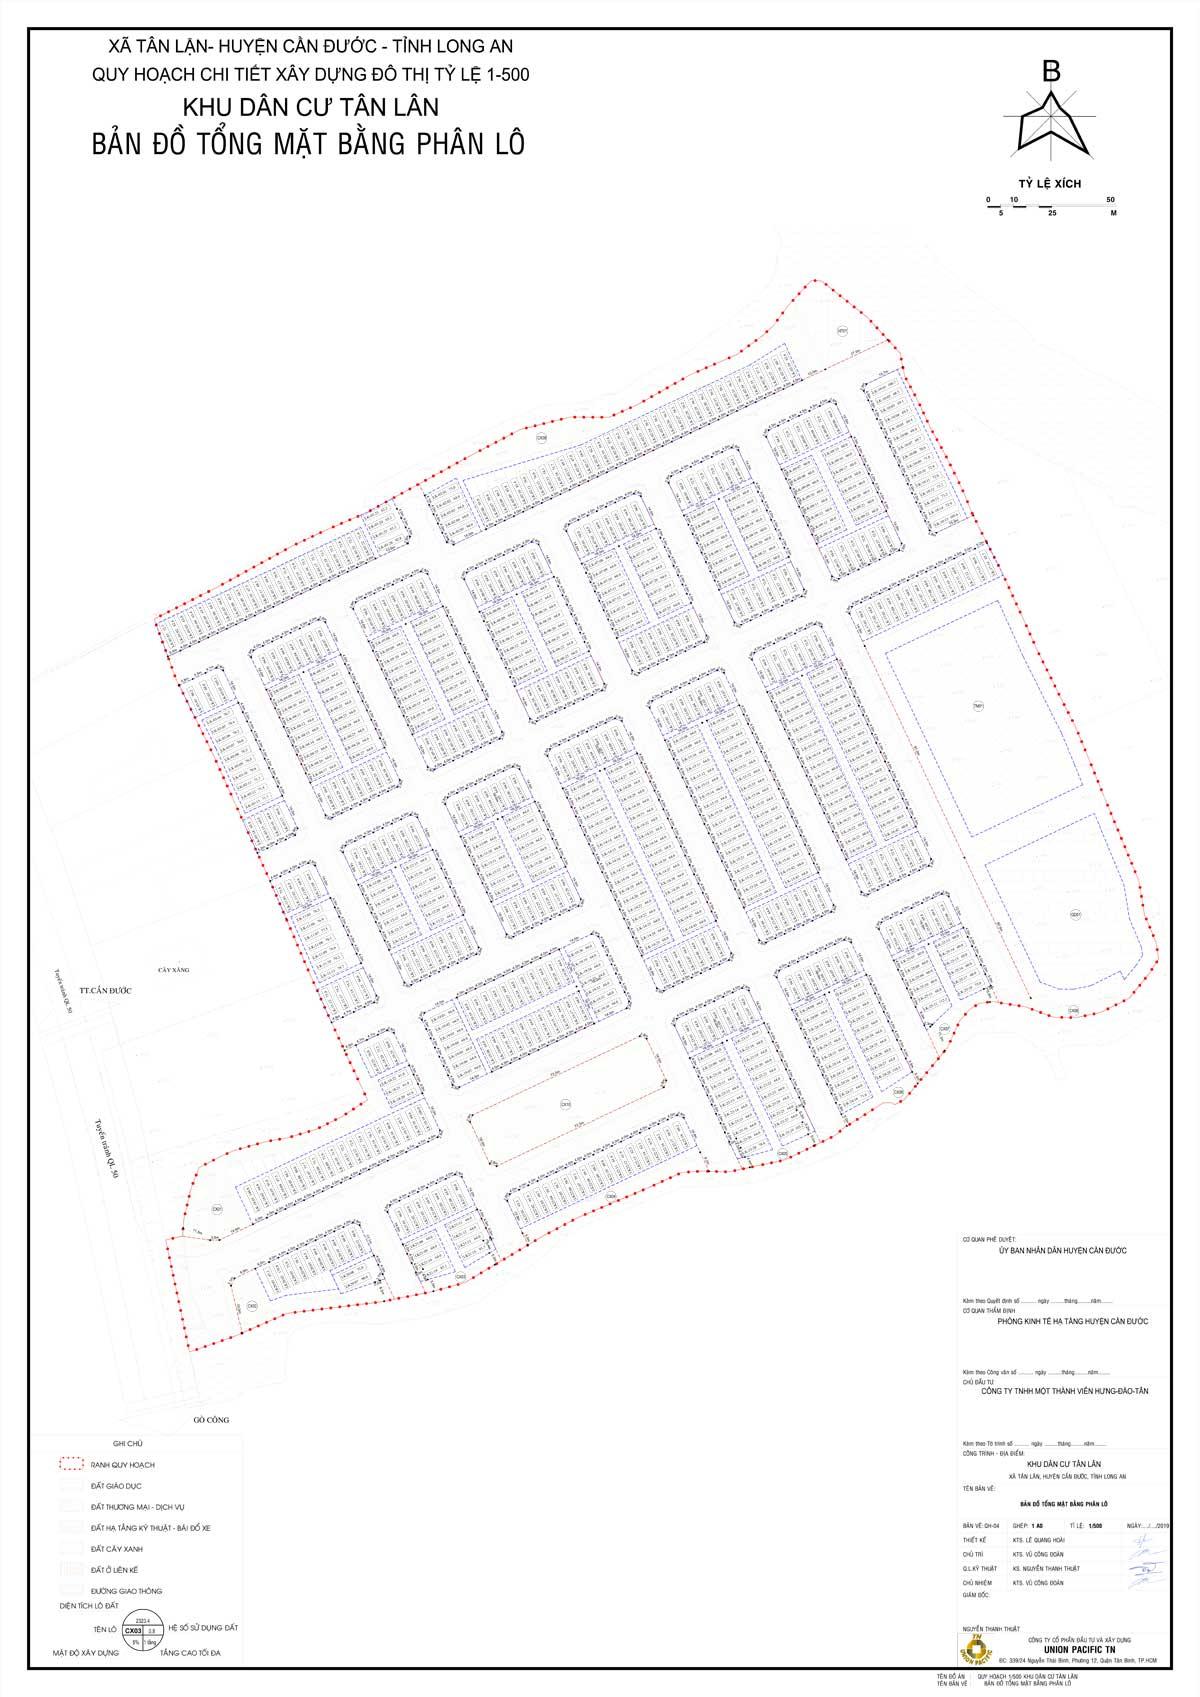 Bản đồ phân lô dự án Lotus New City Long An